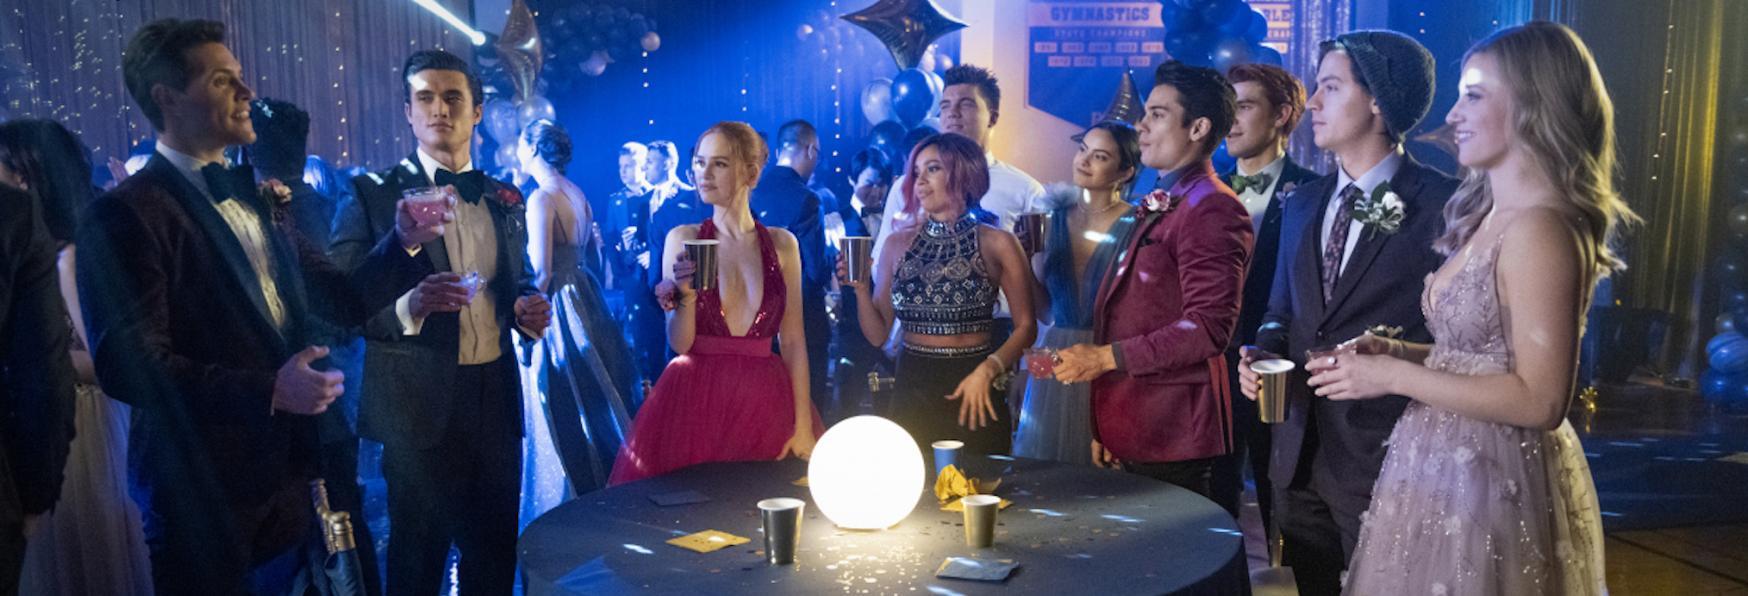 Riverdale 5: il Promo del Quarto Episodio svela il Salto nel Tempo